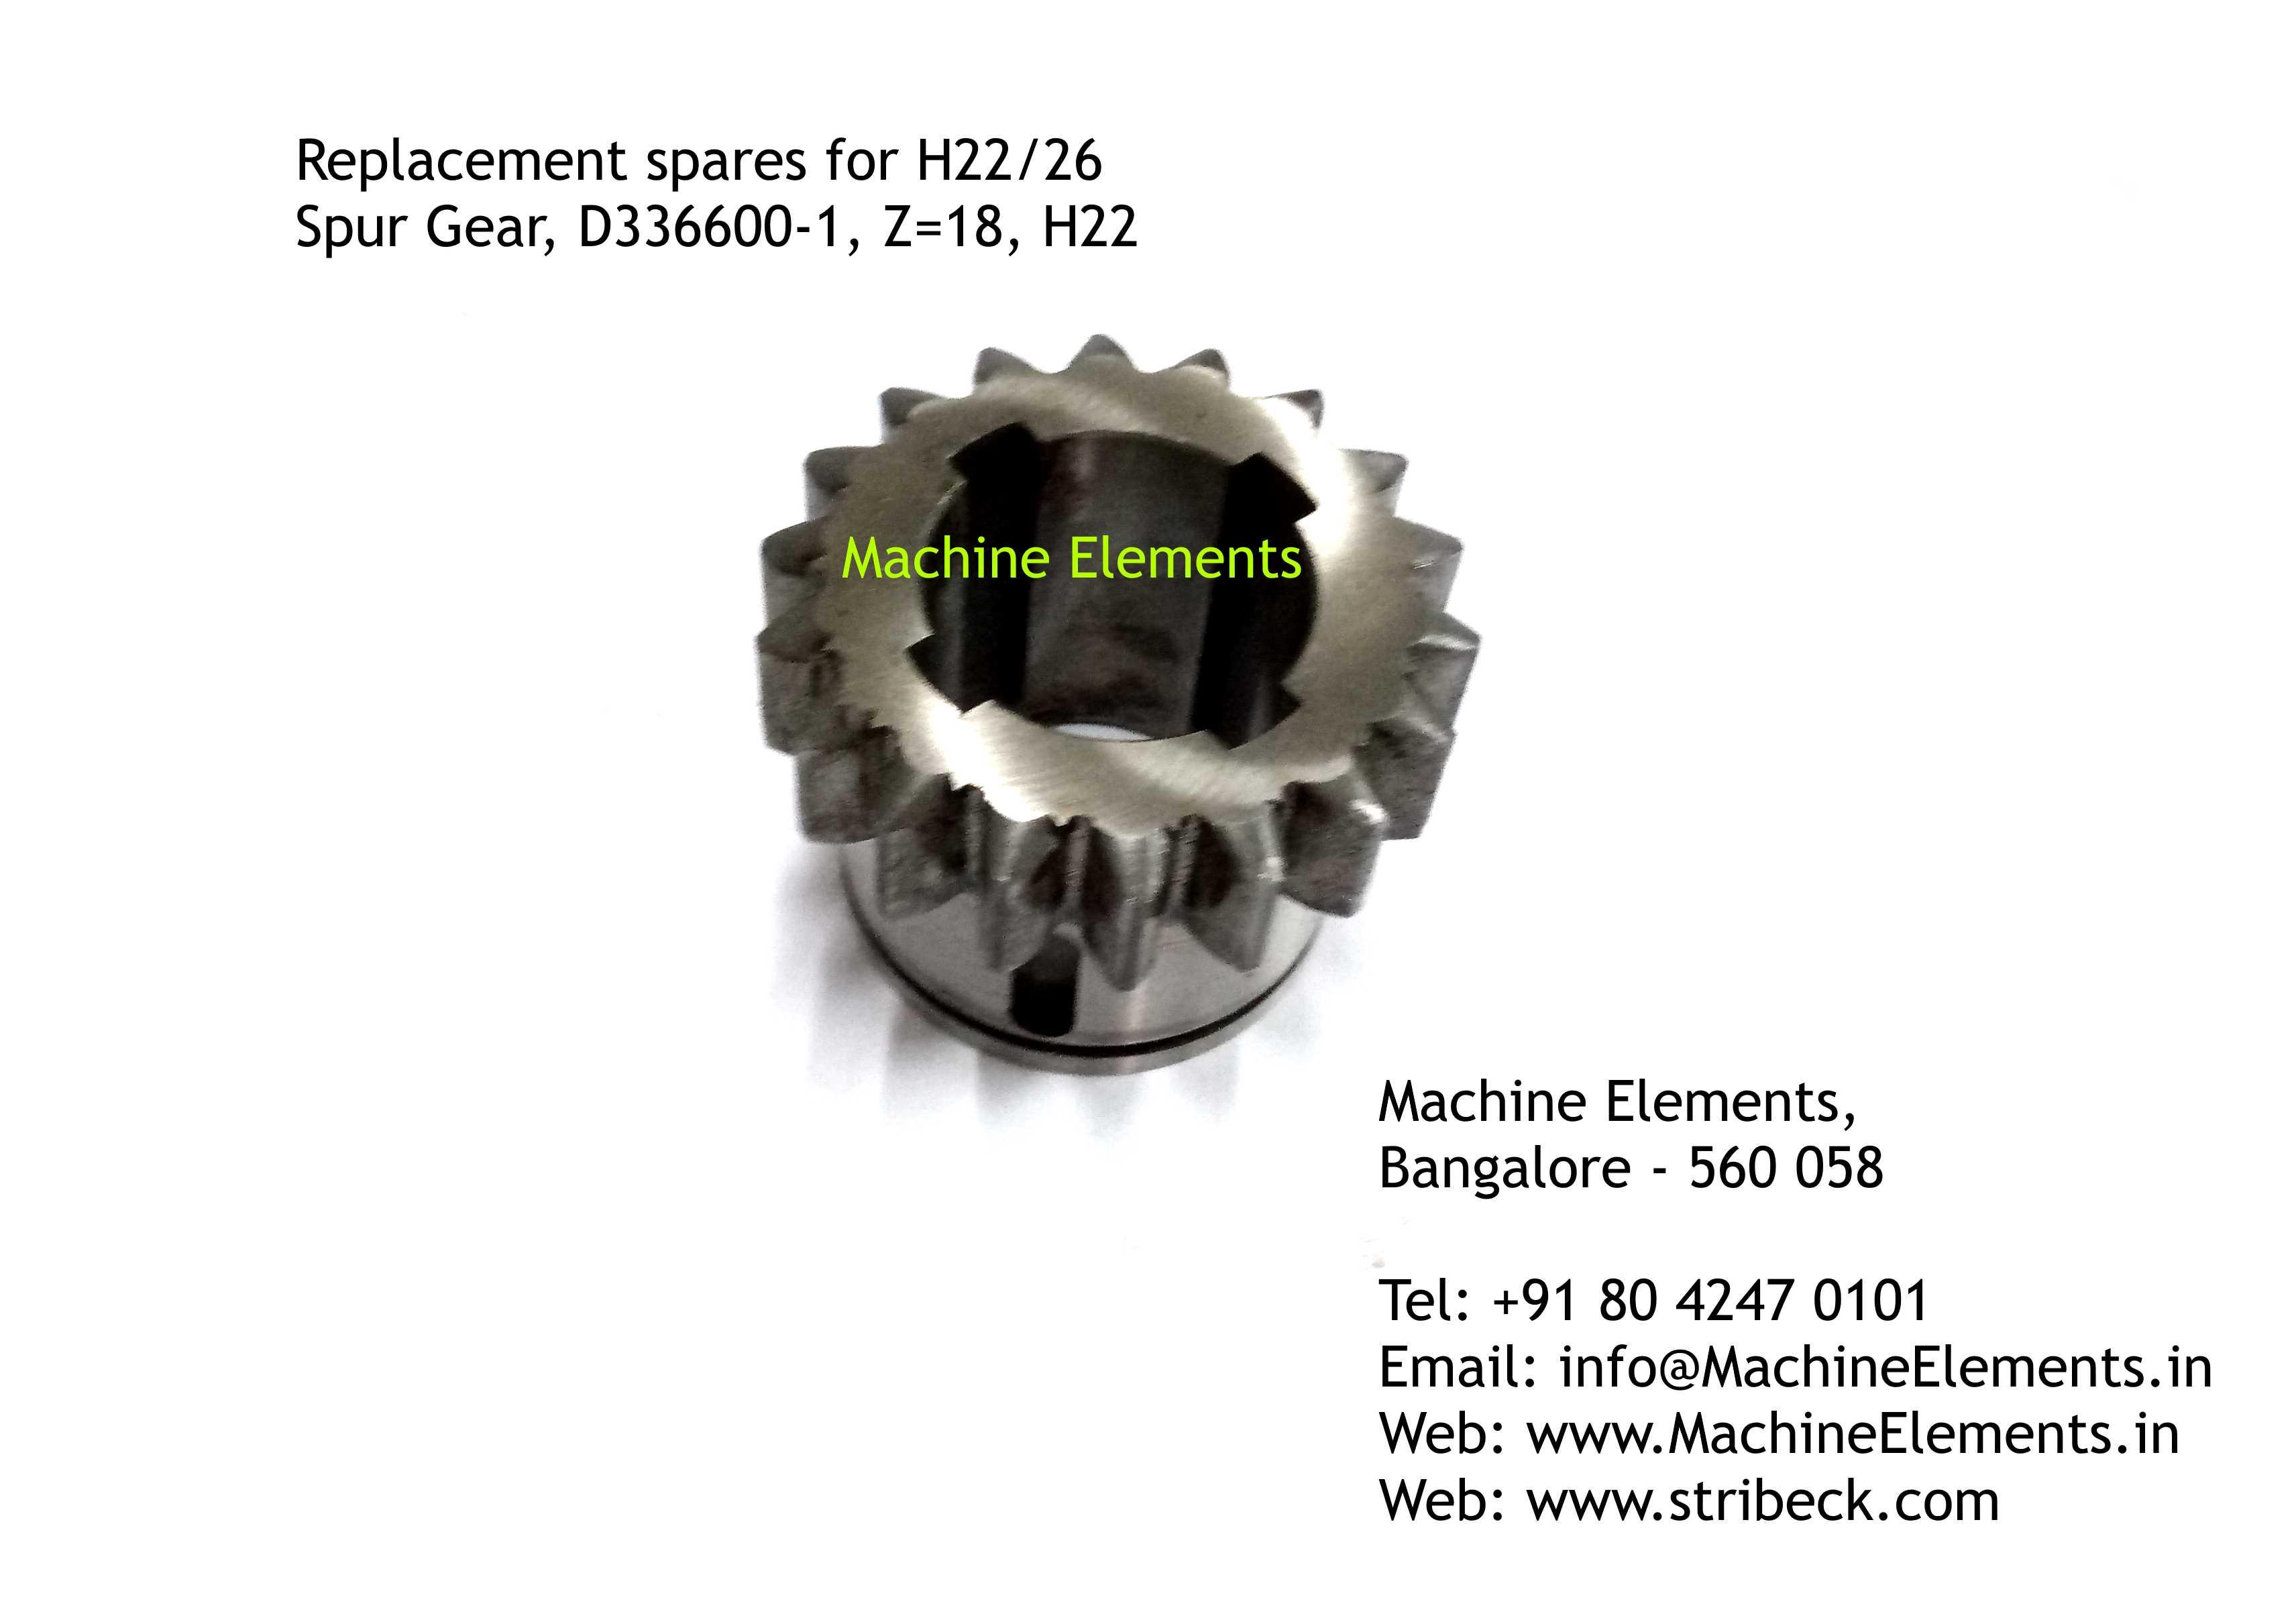 Spur Gear, D336600-1, Z=18, H22